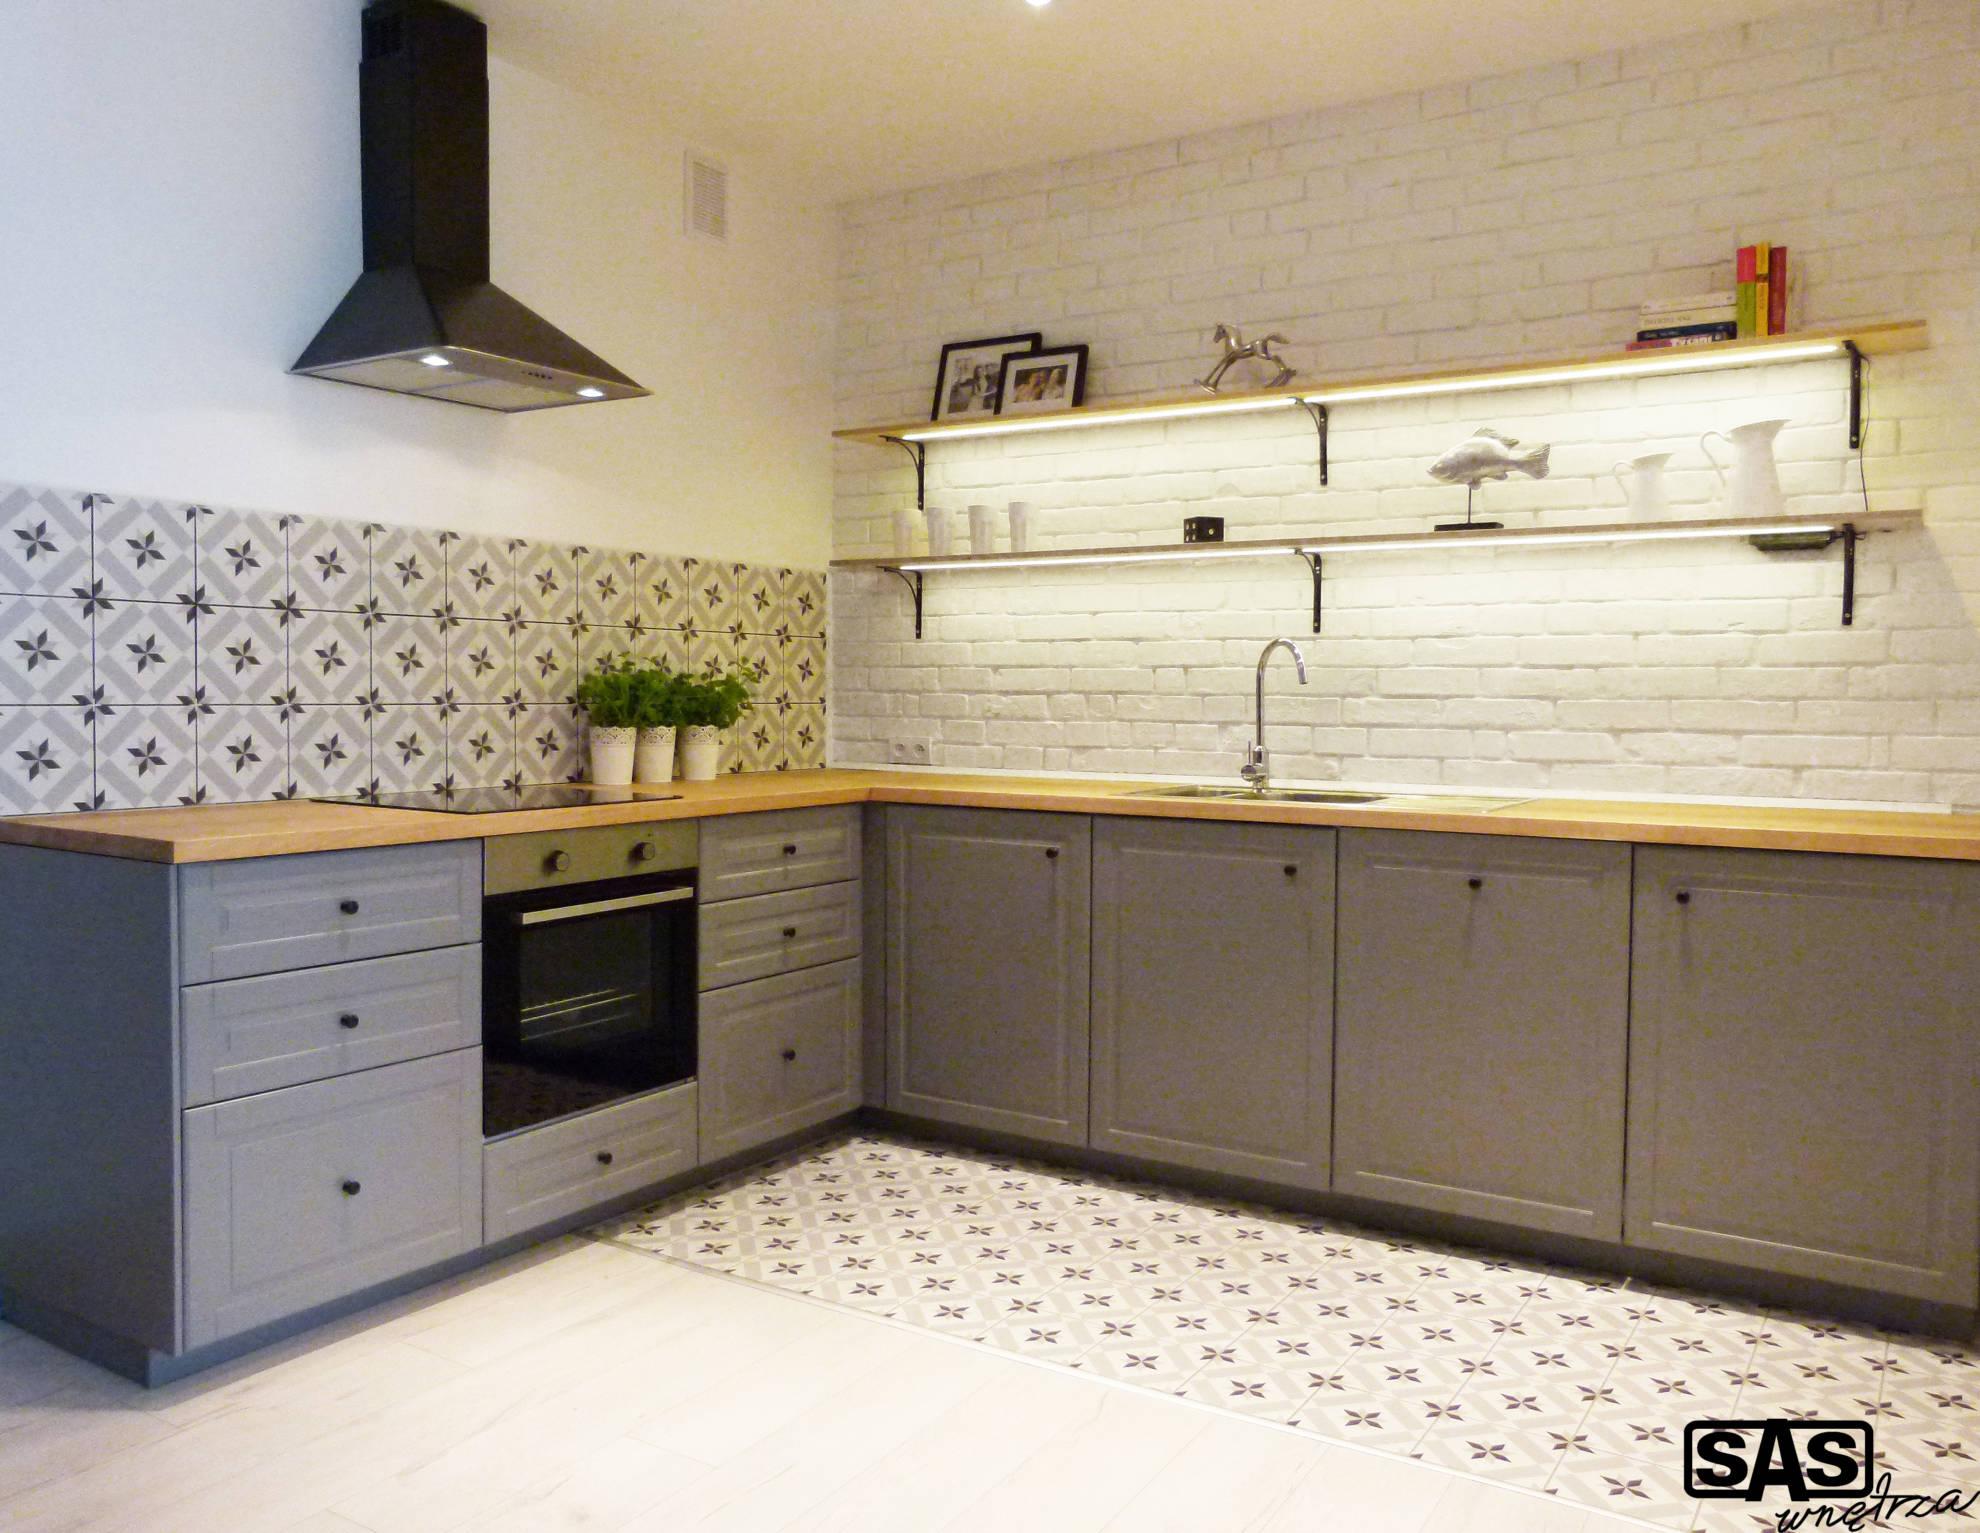 Meble kuchenne w mieszkaniu na wynajem - meble kuchenne wykonanie SAS Wnętrza i Kuchnie - projekt architekt wnętrz Emilia Strzempek Plasun.